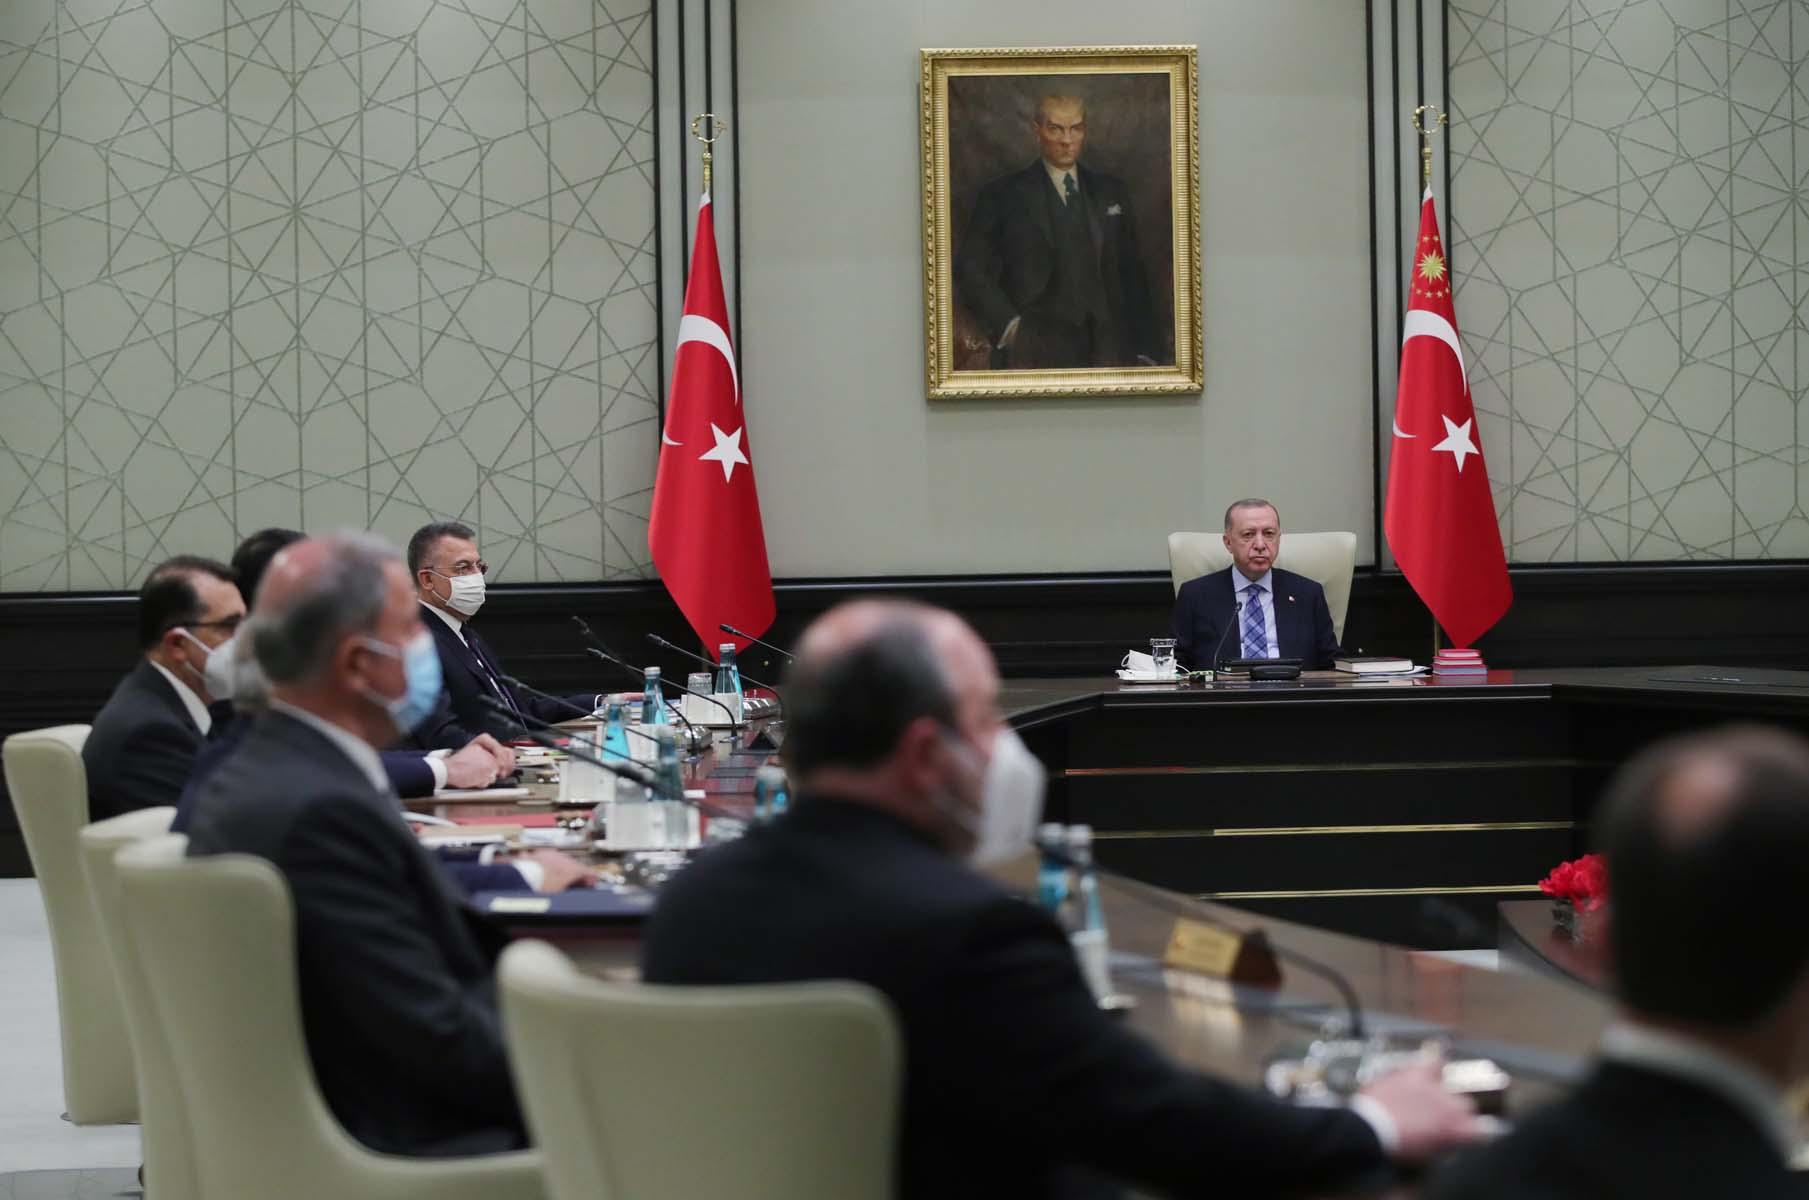 Cumhurbaşkanı Erdoğan talimat verdi! Cumhurbaşkanlığı Kabine toplantısı ertelendi